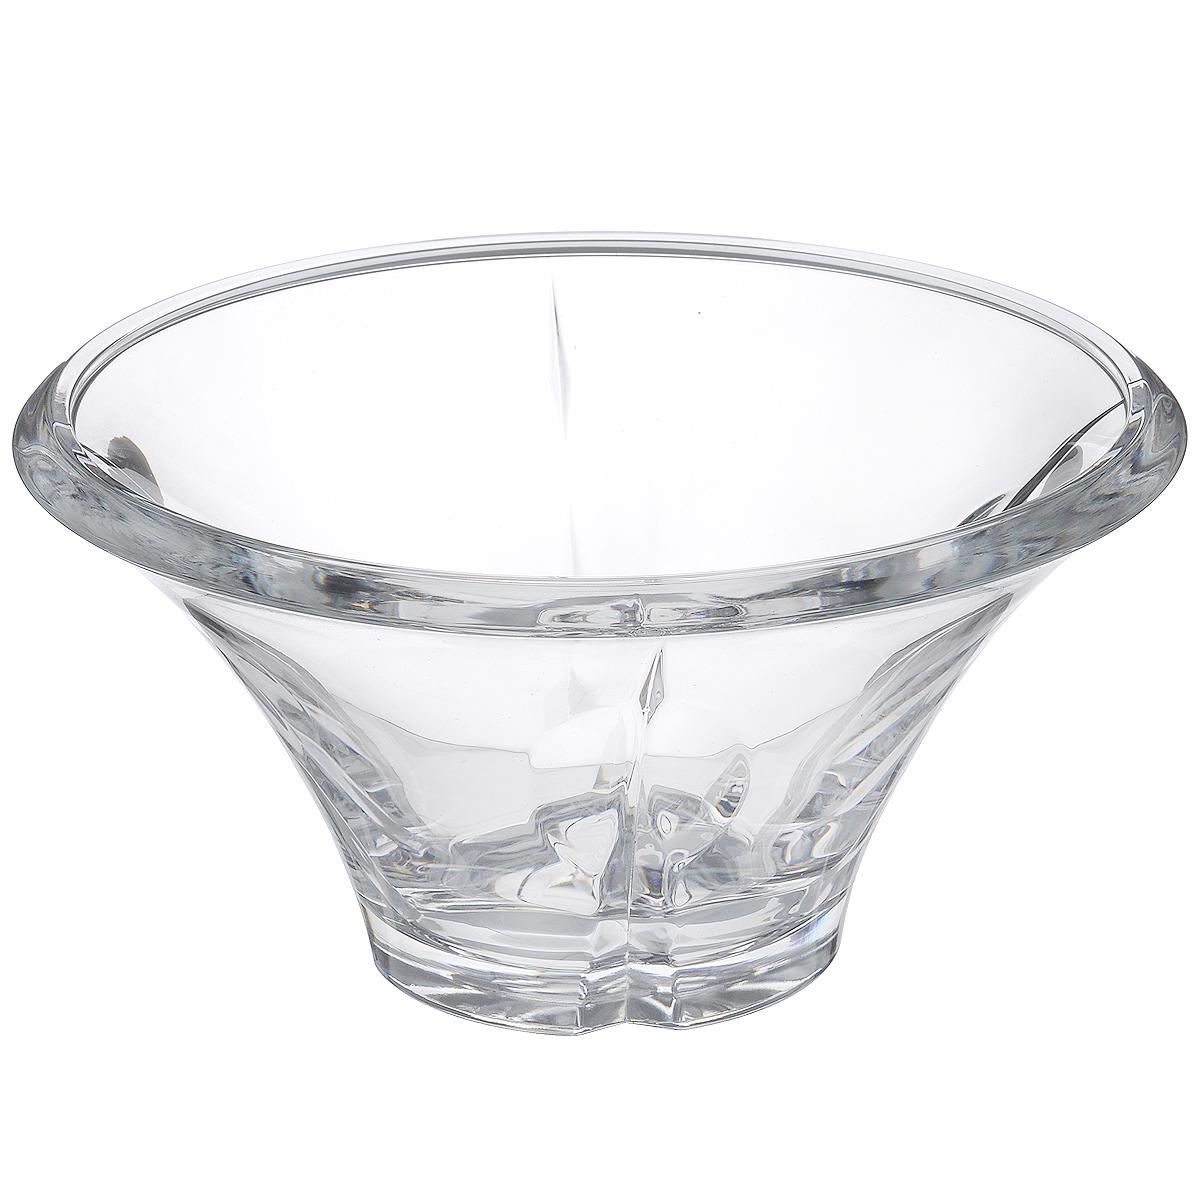 Салатник Crystal Bohemia Shali, диаметр 25 см990/61503/0/29099/250-109Салатник Crystal Bohemia Shali изготовлен из хрусталя и выполнен в форме большой чаши, декорированной оригинальным рельефом. Данный салатник сочетает в себе изысканный дизайн с максимальной функциональностью. Он прекрасно впишется в интерьер вашей кухни и станет достойным дополнением к кухонному инвентарю. Такой салатник не только украсит ваш кухонный стол и подчеркнет прекрасный вкус хозяйки, но и станет отличным подарком. Диаметр: 25 см. Высота: 13 см. Диаметр дна: 10 см.